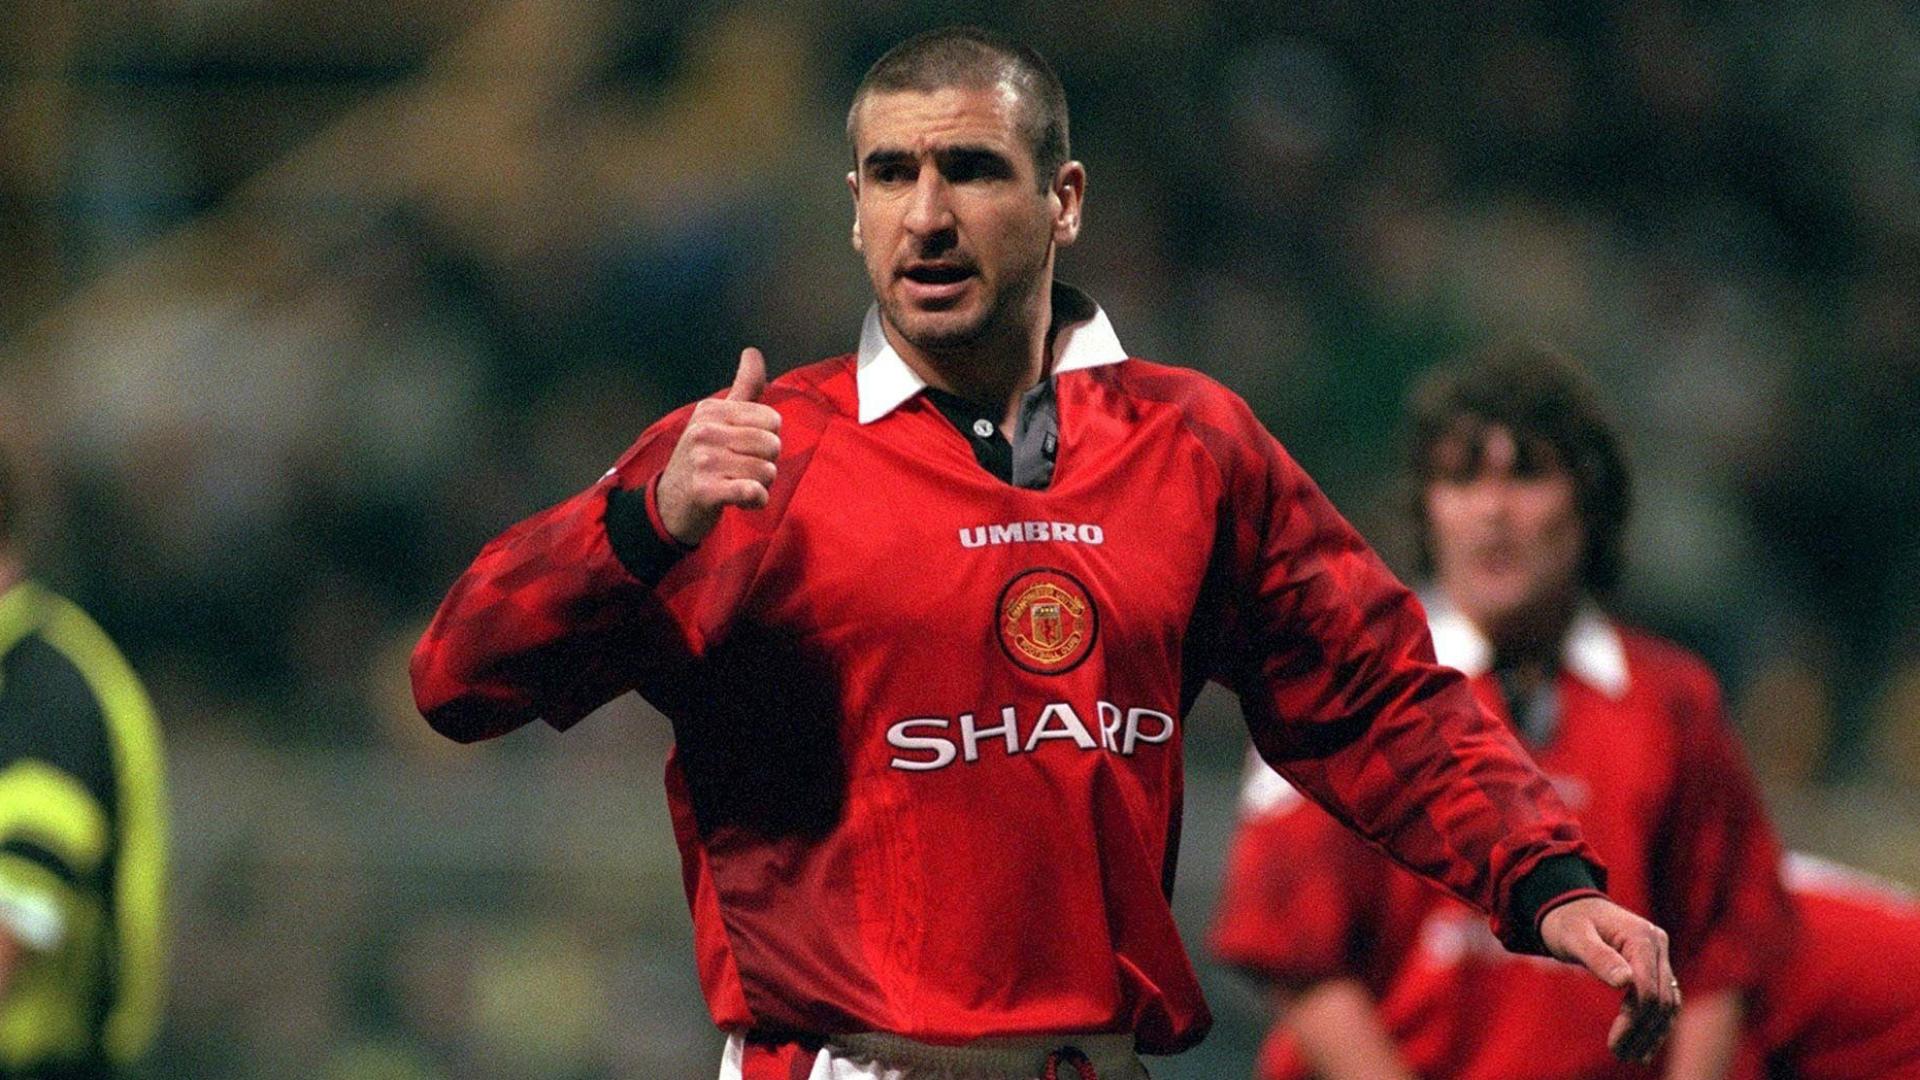 Liverpool podría haber evitado que Cantona se convirtiera en el icono del Manchester United, pero Souness pasó a firmar 5